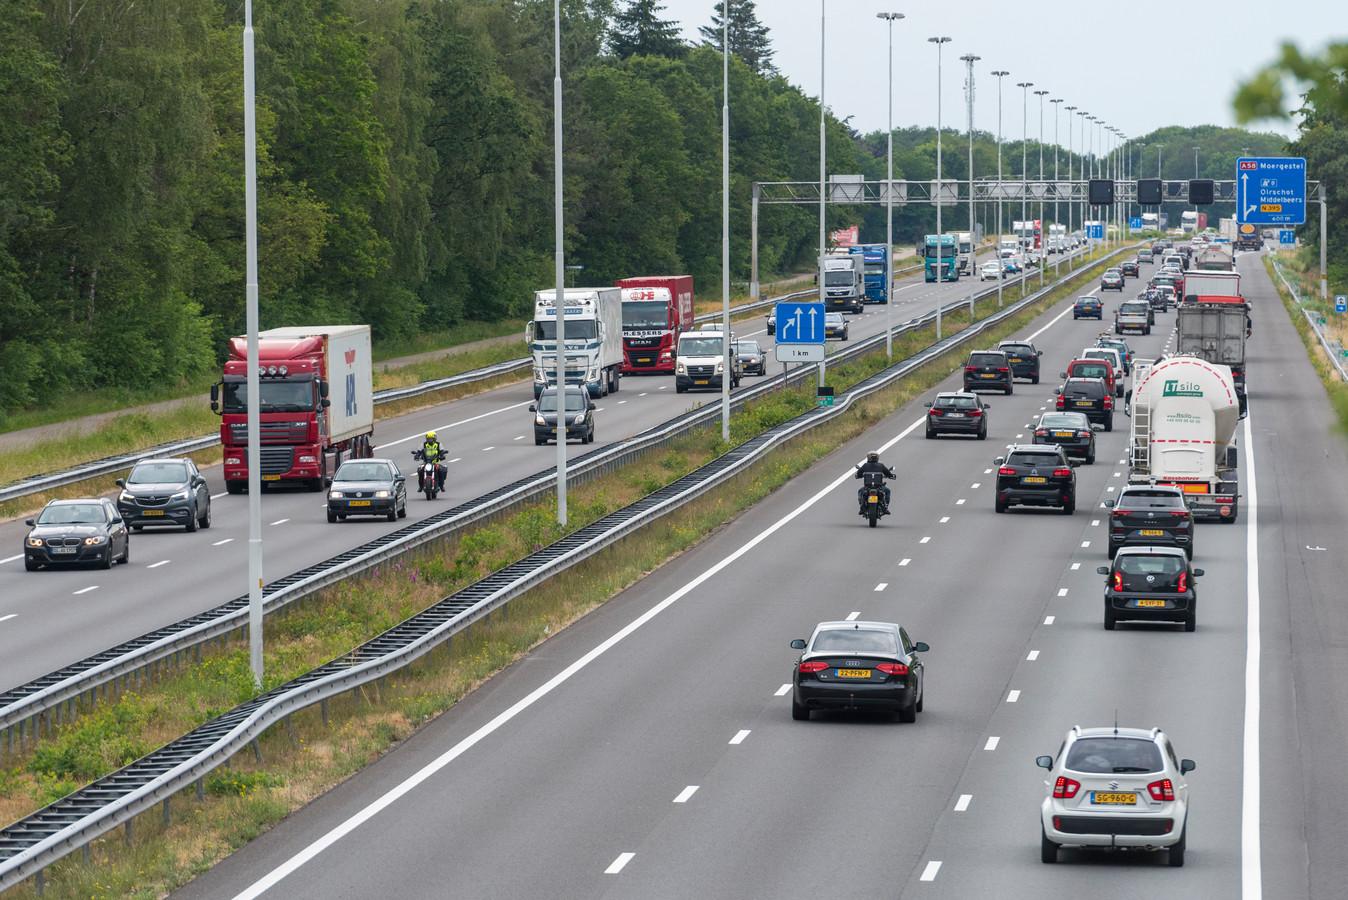 Rijkswaterstaat ontvouwde vanavond de eerste aanzet tot het ontwerp voor het traject Eindhoven-Tilburg dat aan beide zijden twee keer drie rijstroken moet krijgen. Eerder werd de weg tussen Eindhoven en Oirschot al driebaans gemaakt (rechts op de foto). Archieffoto